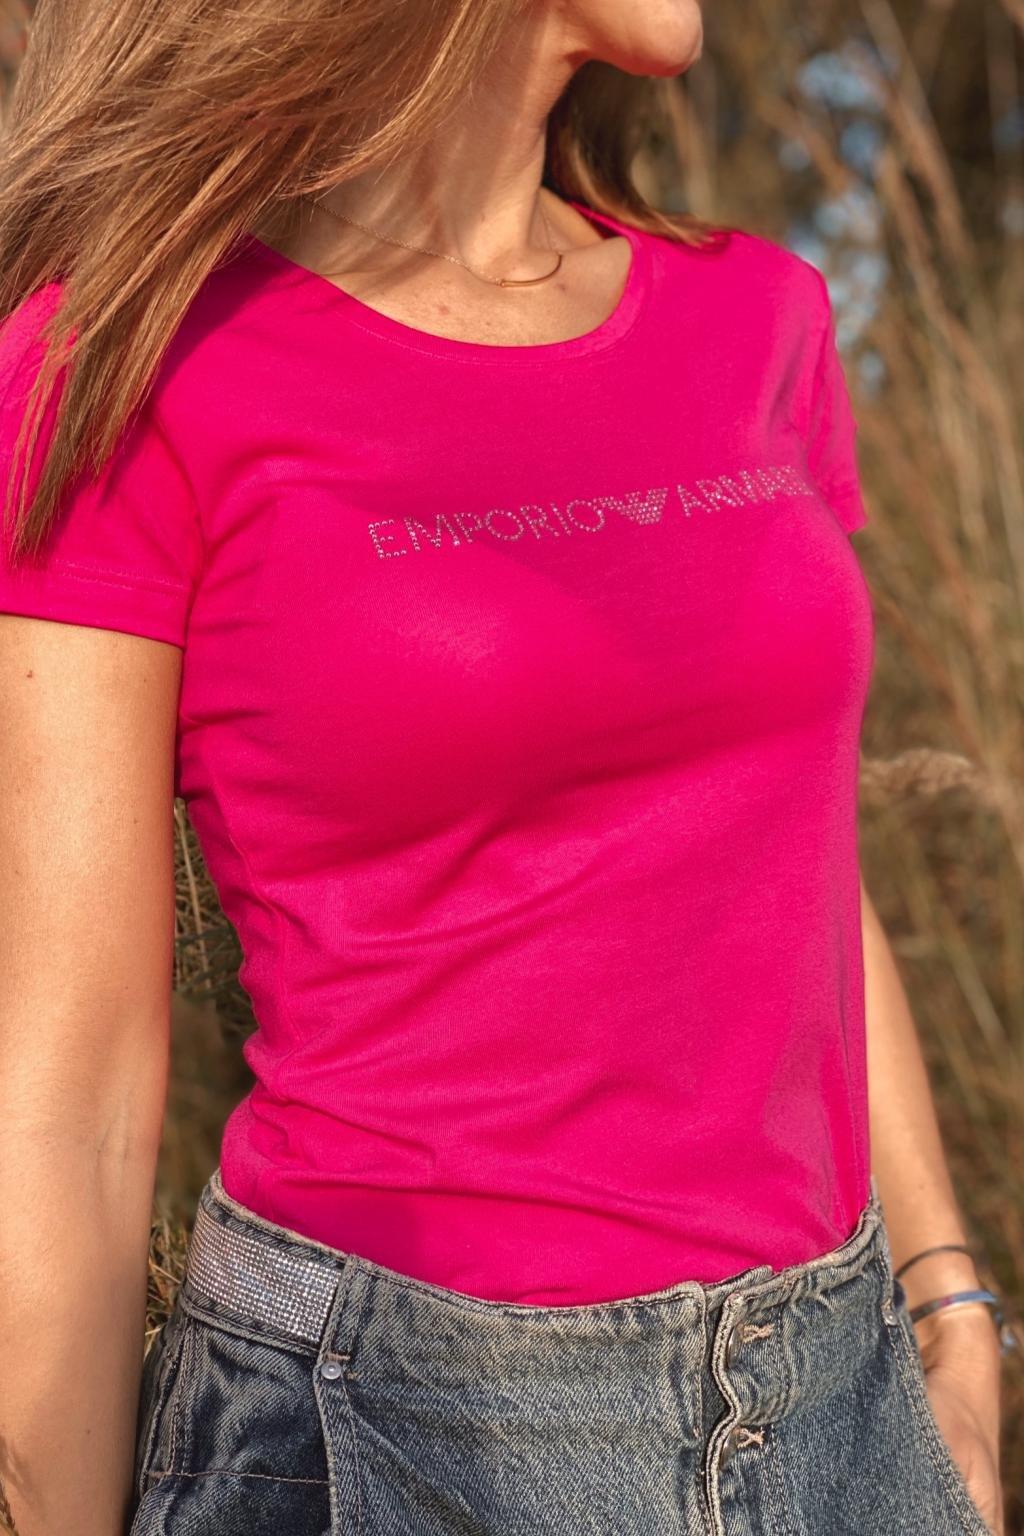 Emporio Armani Neo Romantic tričko s krátkým rukávem dámské - růžové